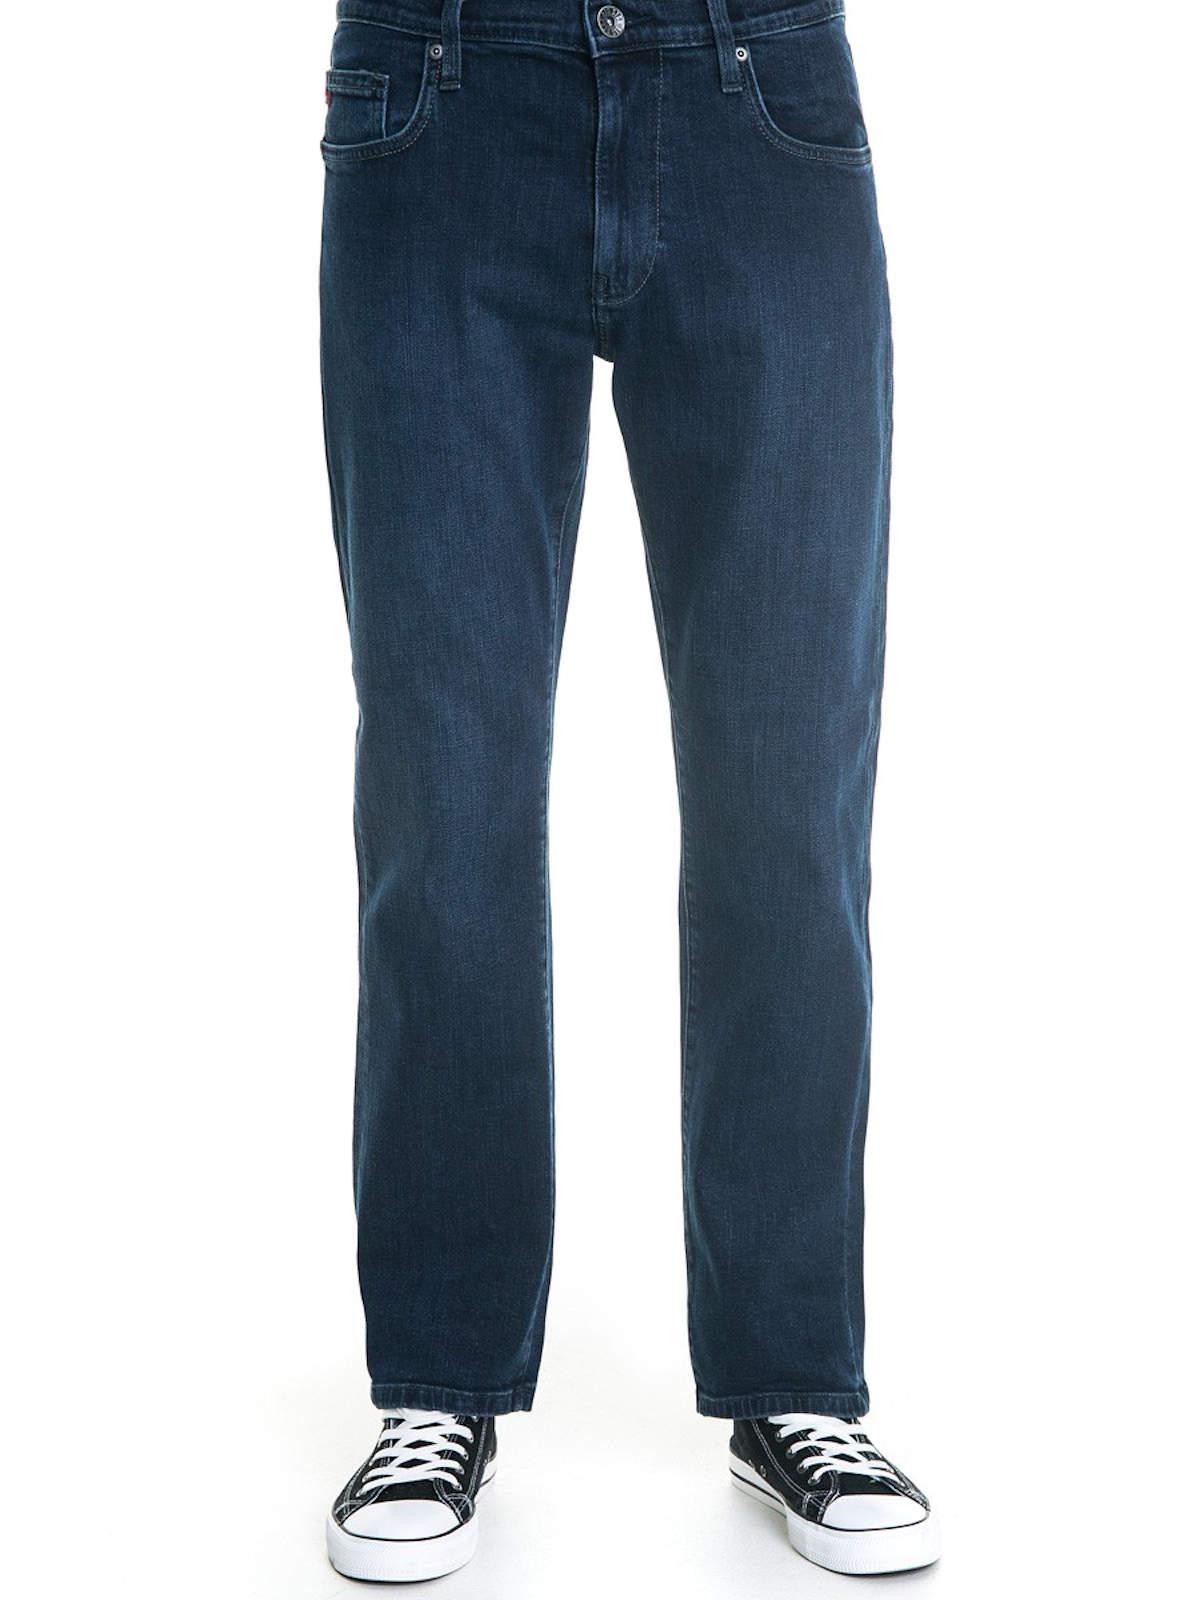 Big-Star-Jeans-Colt-497-Regular-Fit-Herren-Hose-Straight-Leg-Medium-Denim-NEU Indexbild 10